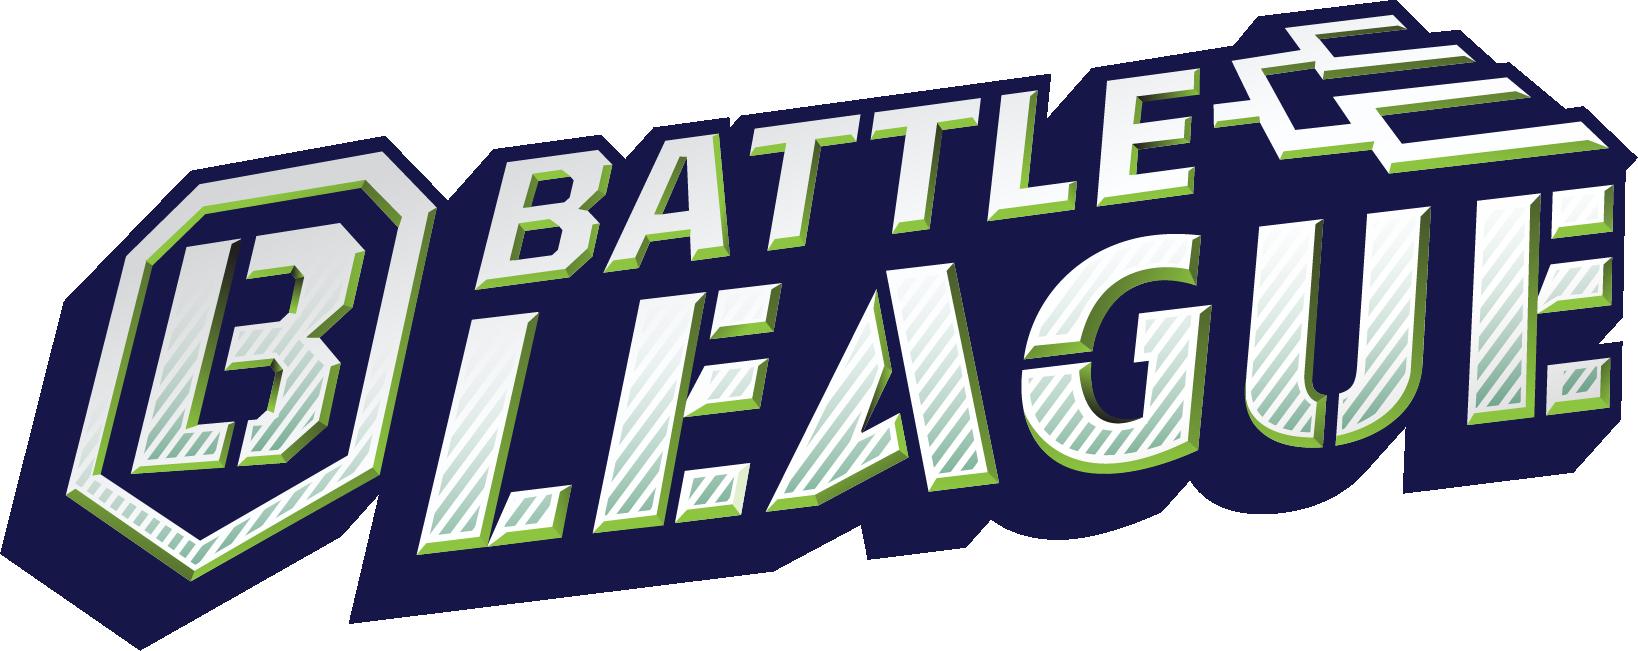 Beyblade battle league